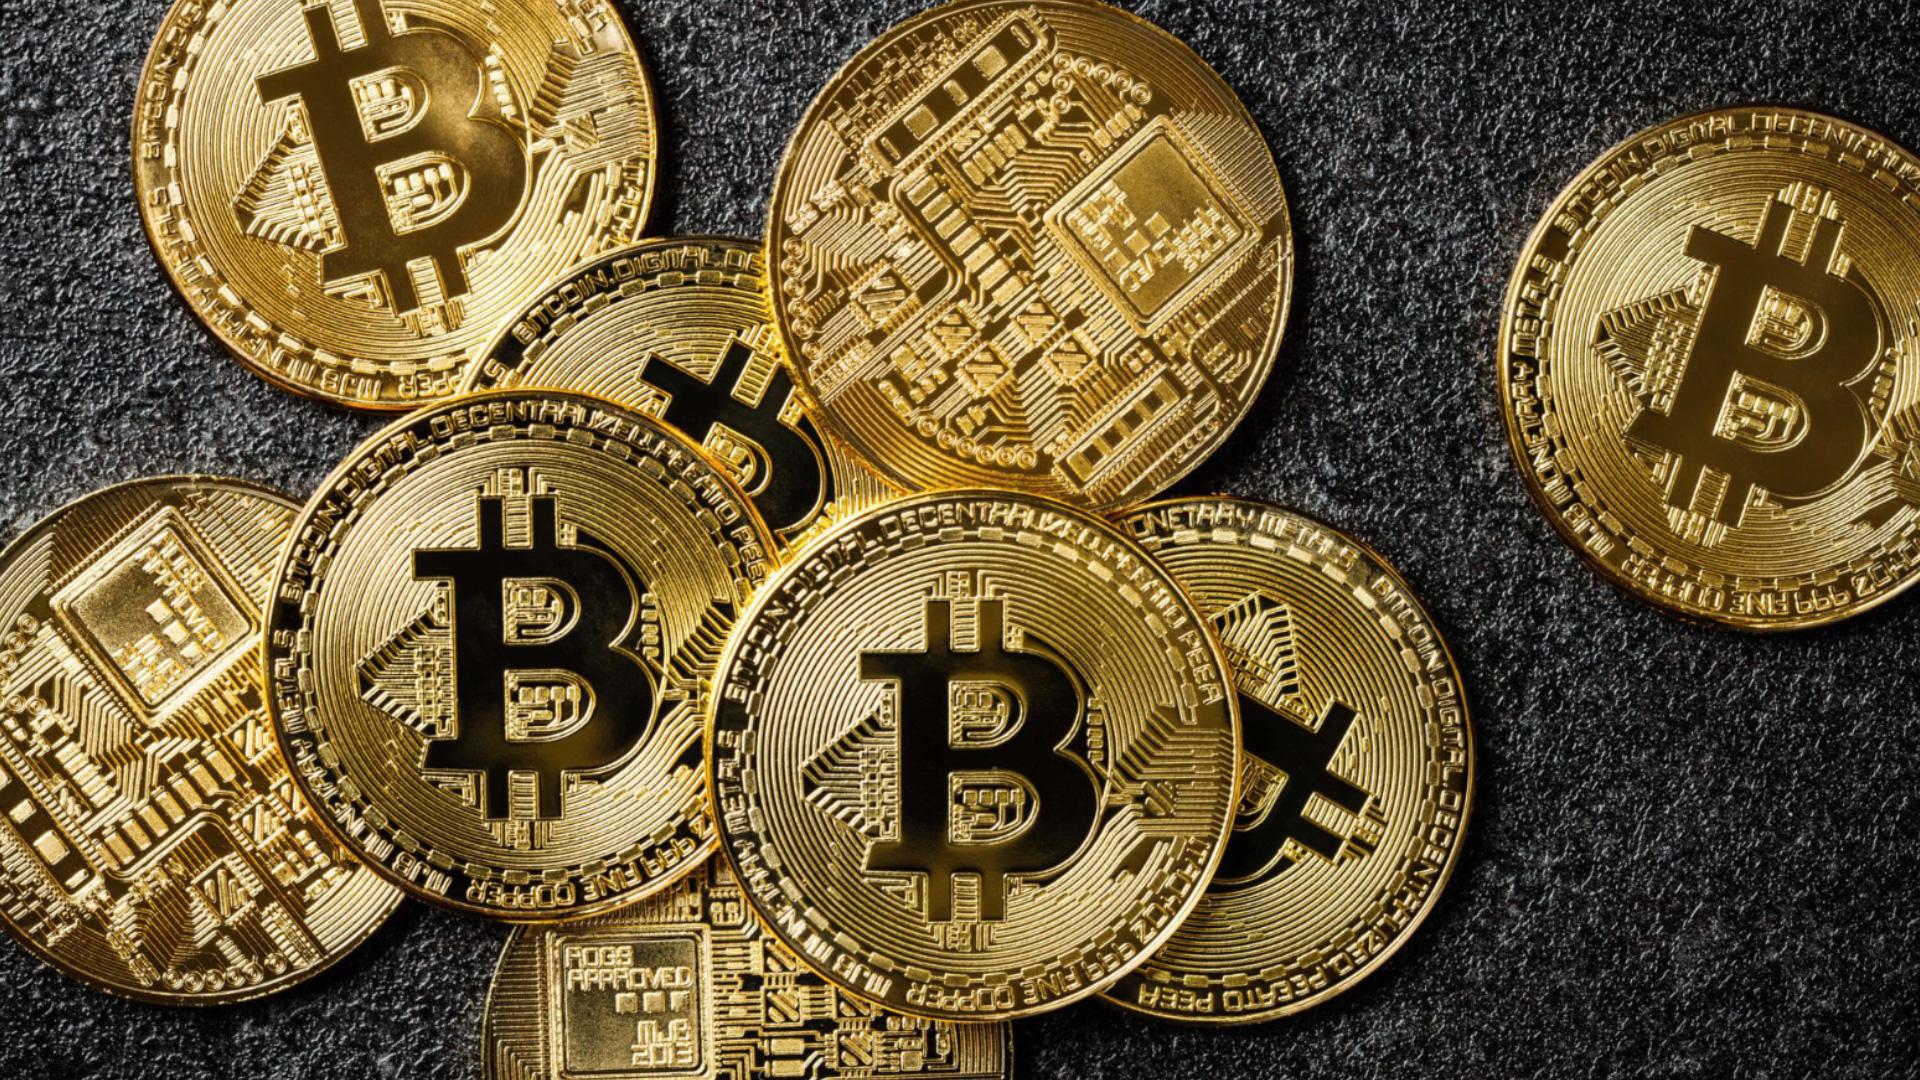 Liệu Elon Musk có thể giúp Bitcoin trở nên 'xanh' hơn? -Tintuccophieu.com